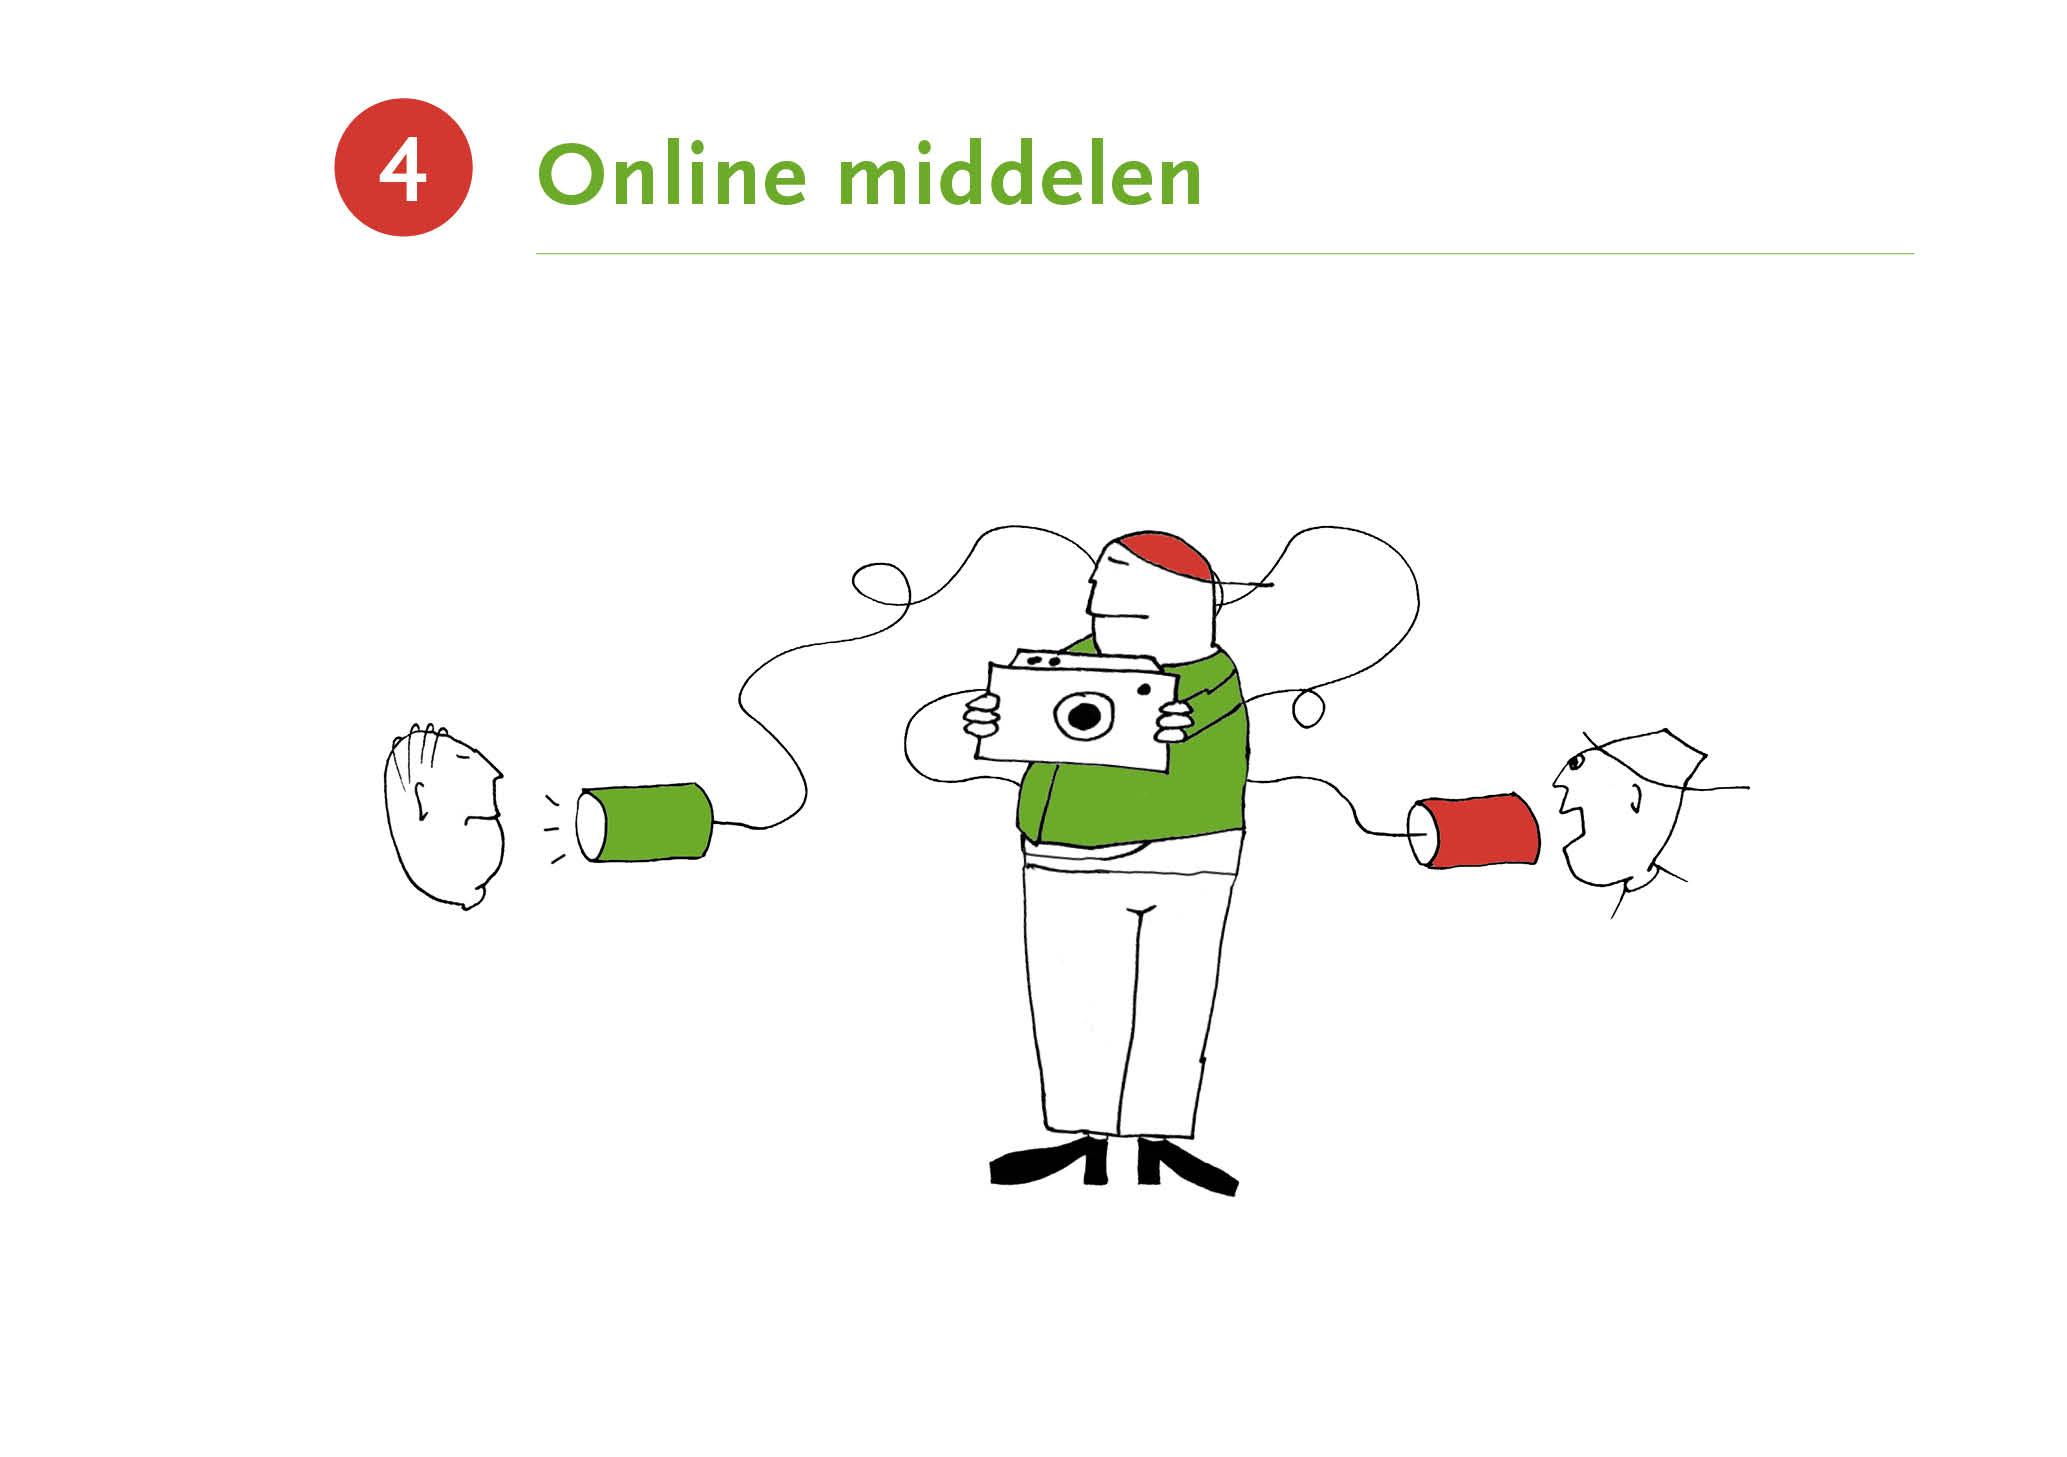 Illustratie met als titel 'Online middelen